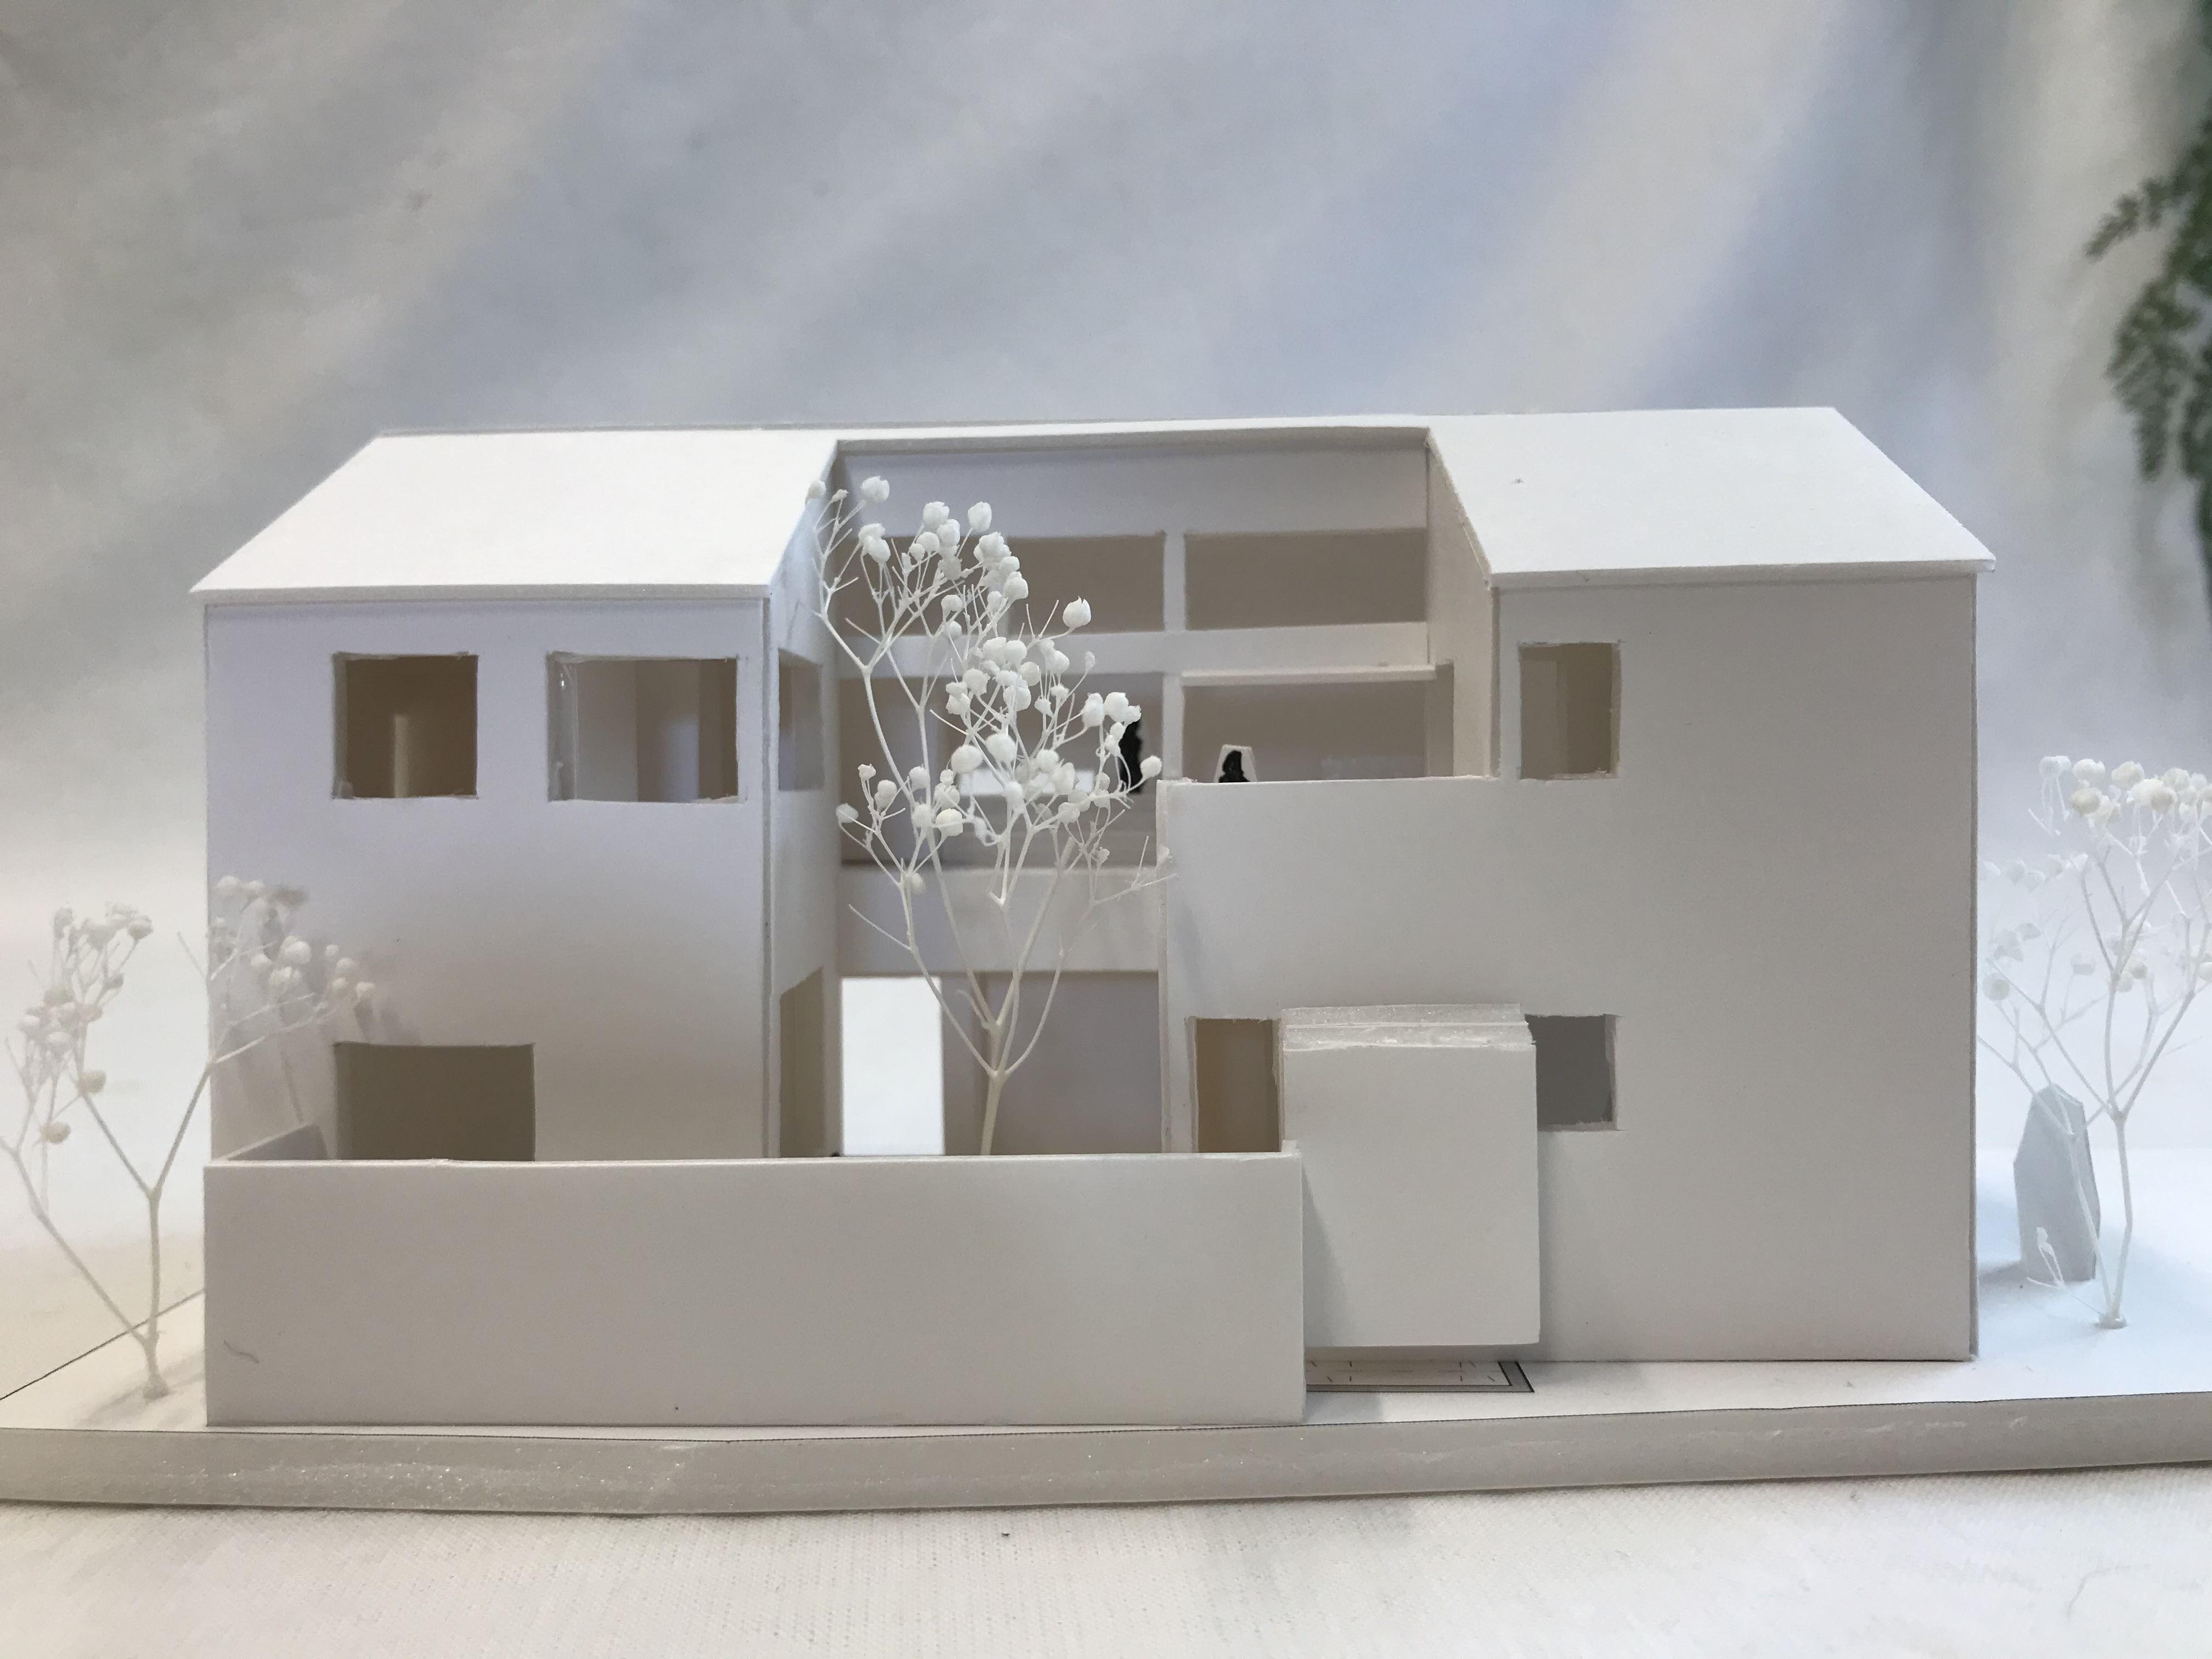 愛知県名古屋市 「洞光の家」新築工事 実施設計中